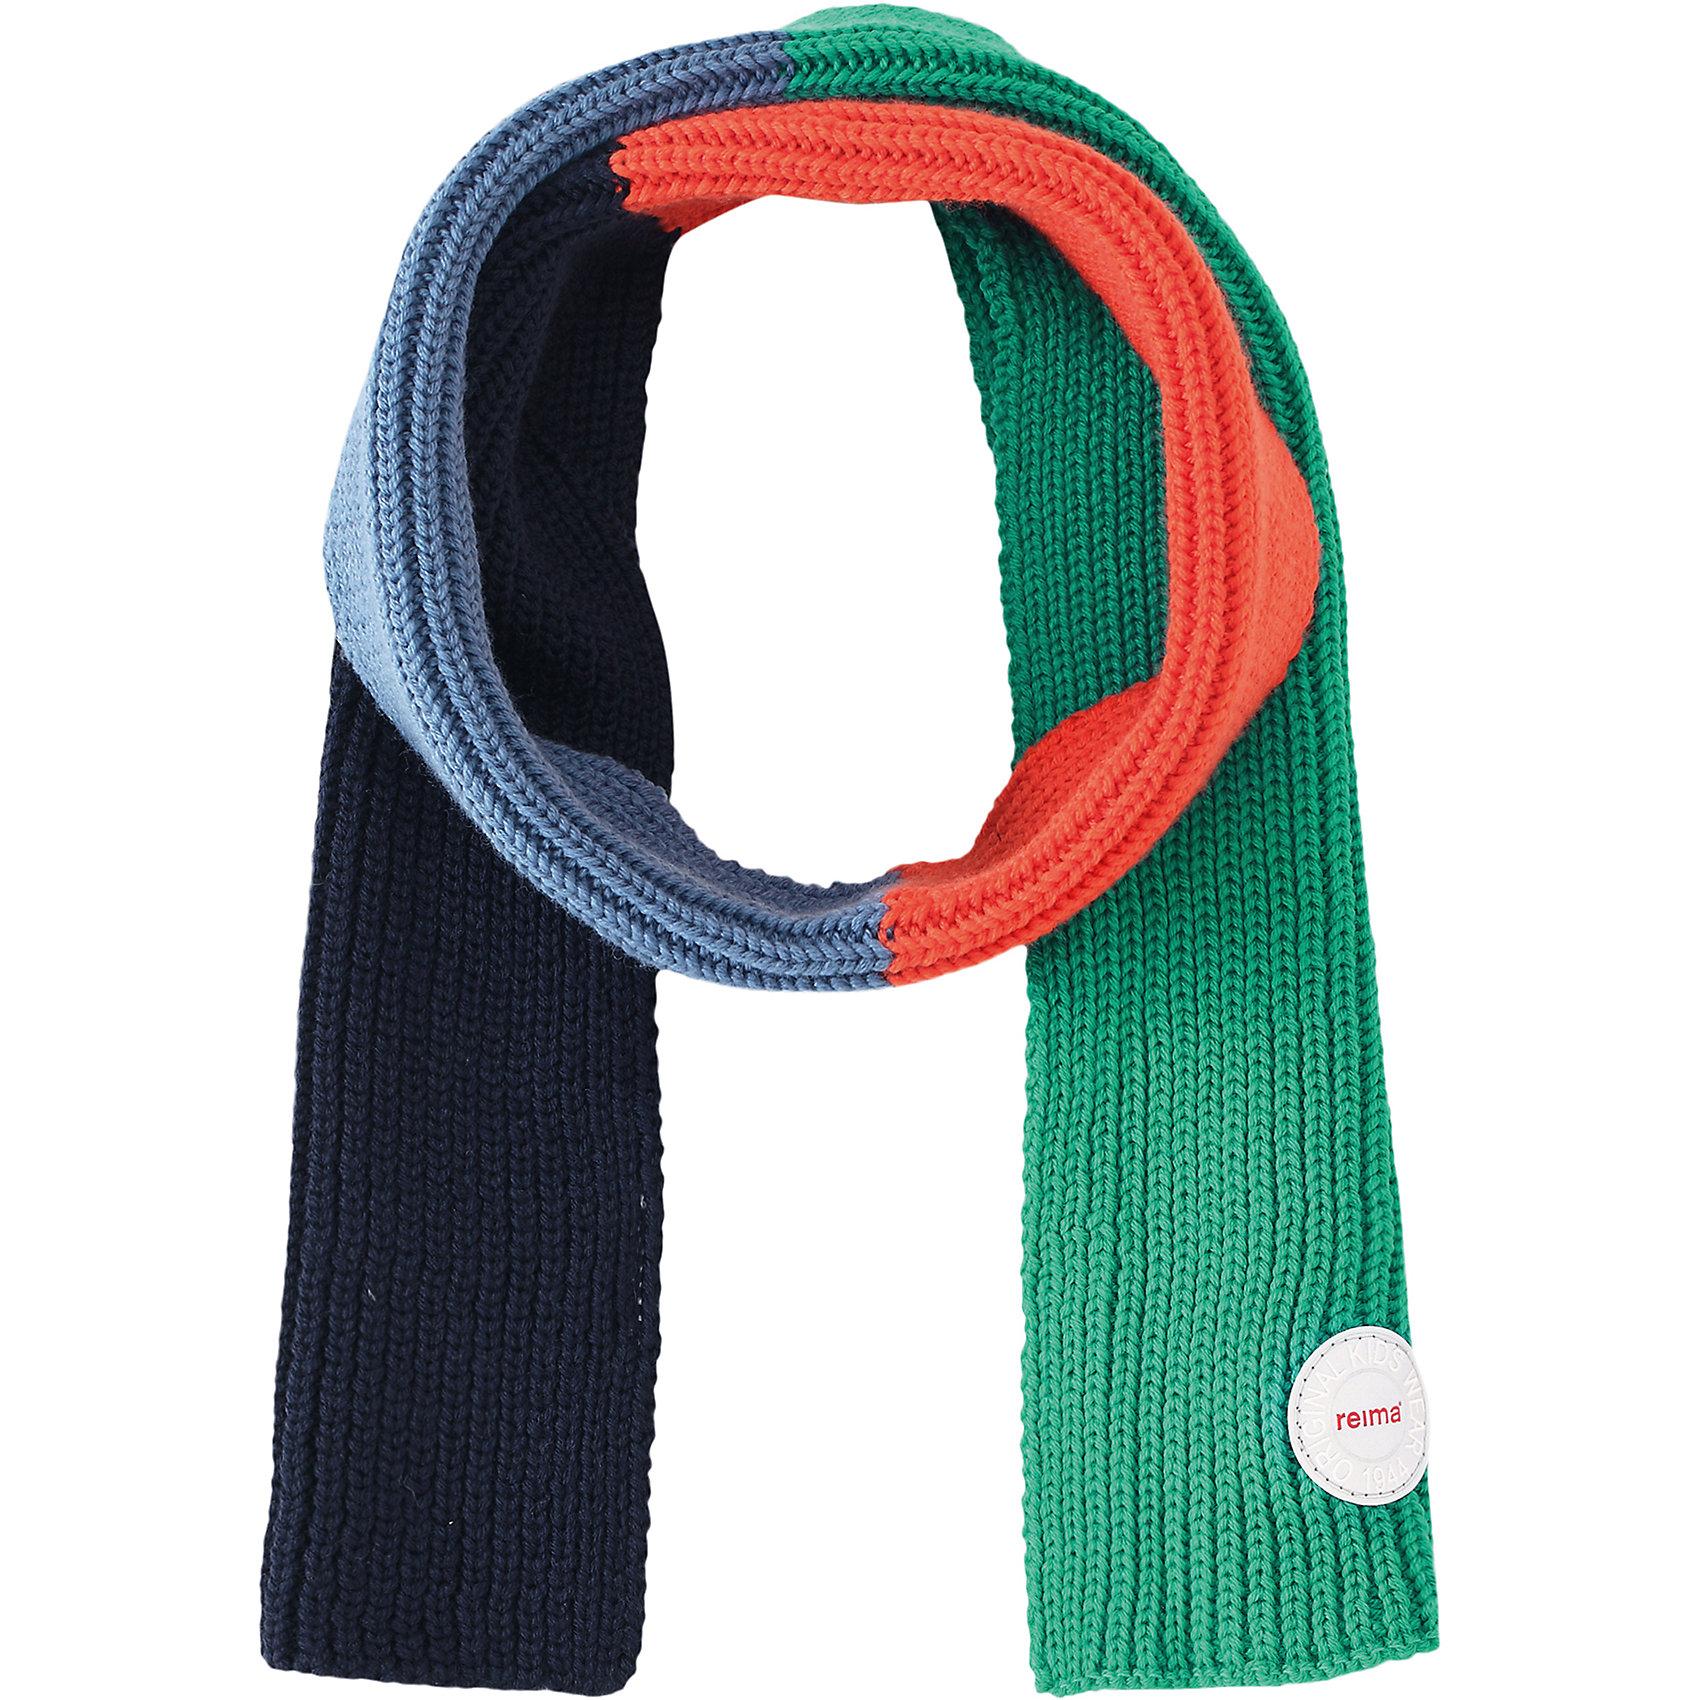 Шарф Reima KesyШарфы, платки<br>Характеристики товара:<br><br>• цвет: зеленый/синий;<br>• состав: 100% шерсть;<br>• сезон: зима;<br>• температурный режим: от 0 до -20С;<br>• мягкая ткань из мериносовой шерсти для поддержания идеальной температуры тела;<br>• светоотражающий логотип Reima®;<br>• страна бренда: Финляндия;<br>• страна изготовитель: Китай.<br><br>Детский зимний шарф изготовлен из мягкой и теплой мериносовой шерсти. Эластичный и дышащий материал обеспечивает хорошую терморегуляцию. Снабжен светоотражающей эмблемой Reima.<br><br>Шарф Kesy Reima от финского бренда Reima (Рейма) можно купить в нашем интернет-магазине.<br><br>Ширина мм: 88<br>Глубина мм: 155<br>Высота мм: 26<br>Вес г: 106<br>Цвет: синий<br>Возраст от месяцев: 48<br>Возраст до месяцев: 168<br>Пол: Унисекс<br>Возраст: Детский<br>Размер: one size<br>SKU: 6902705